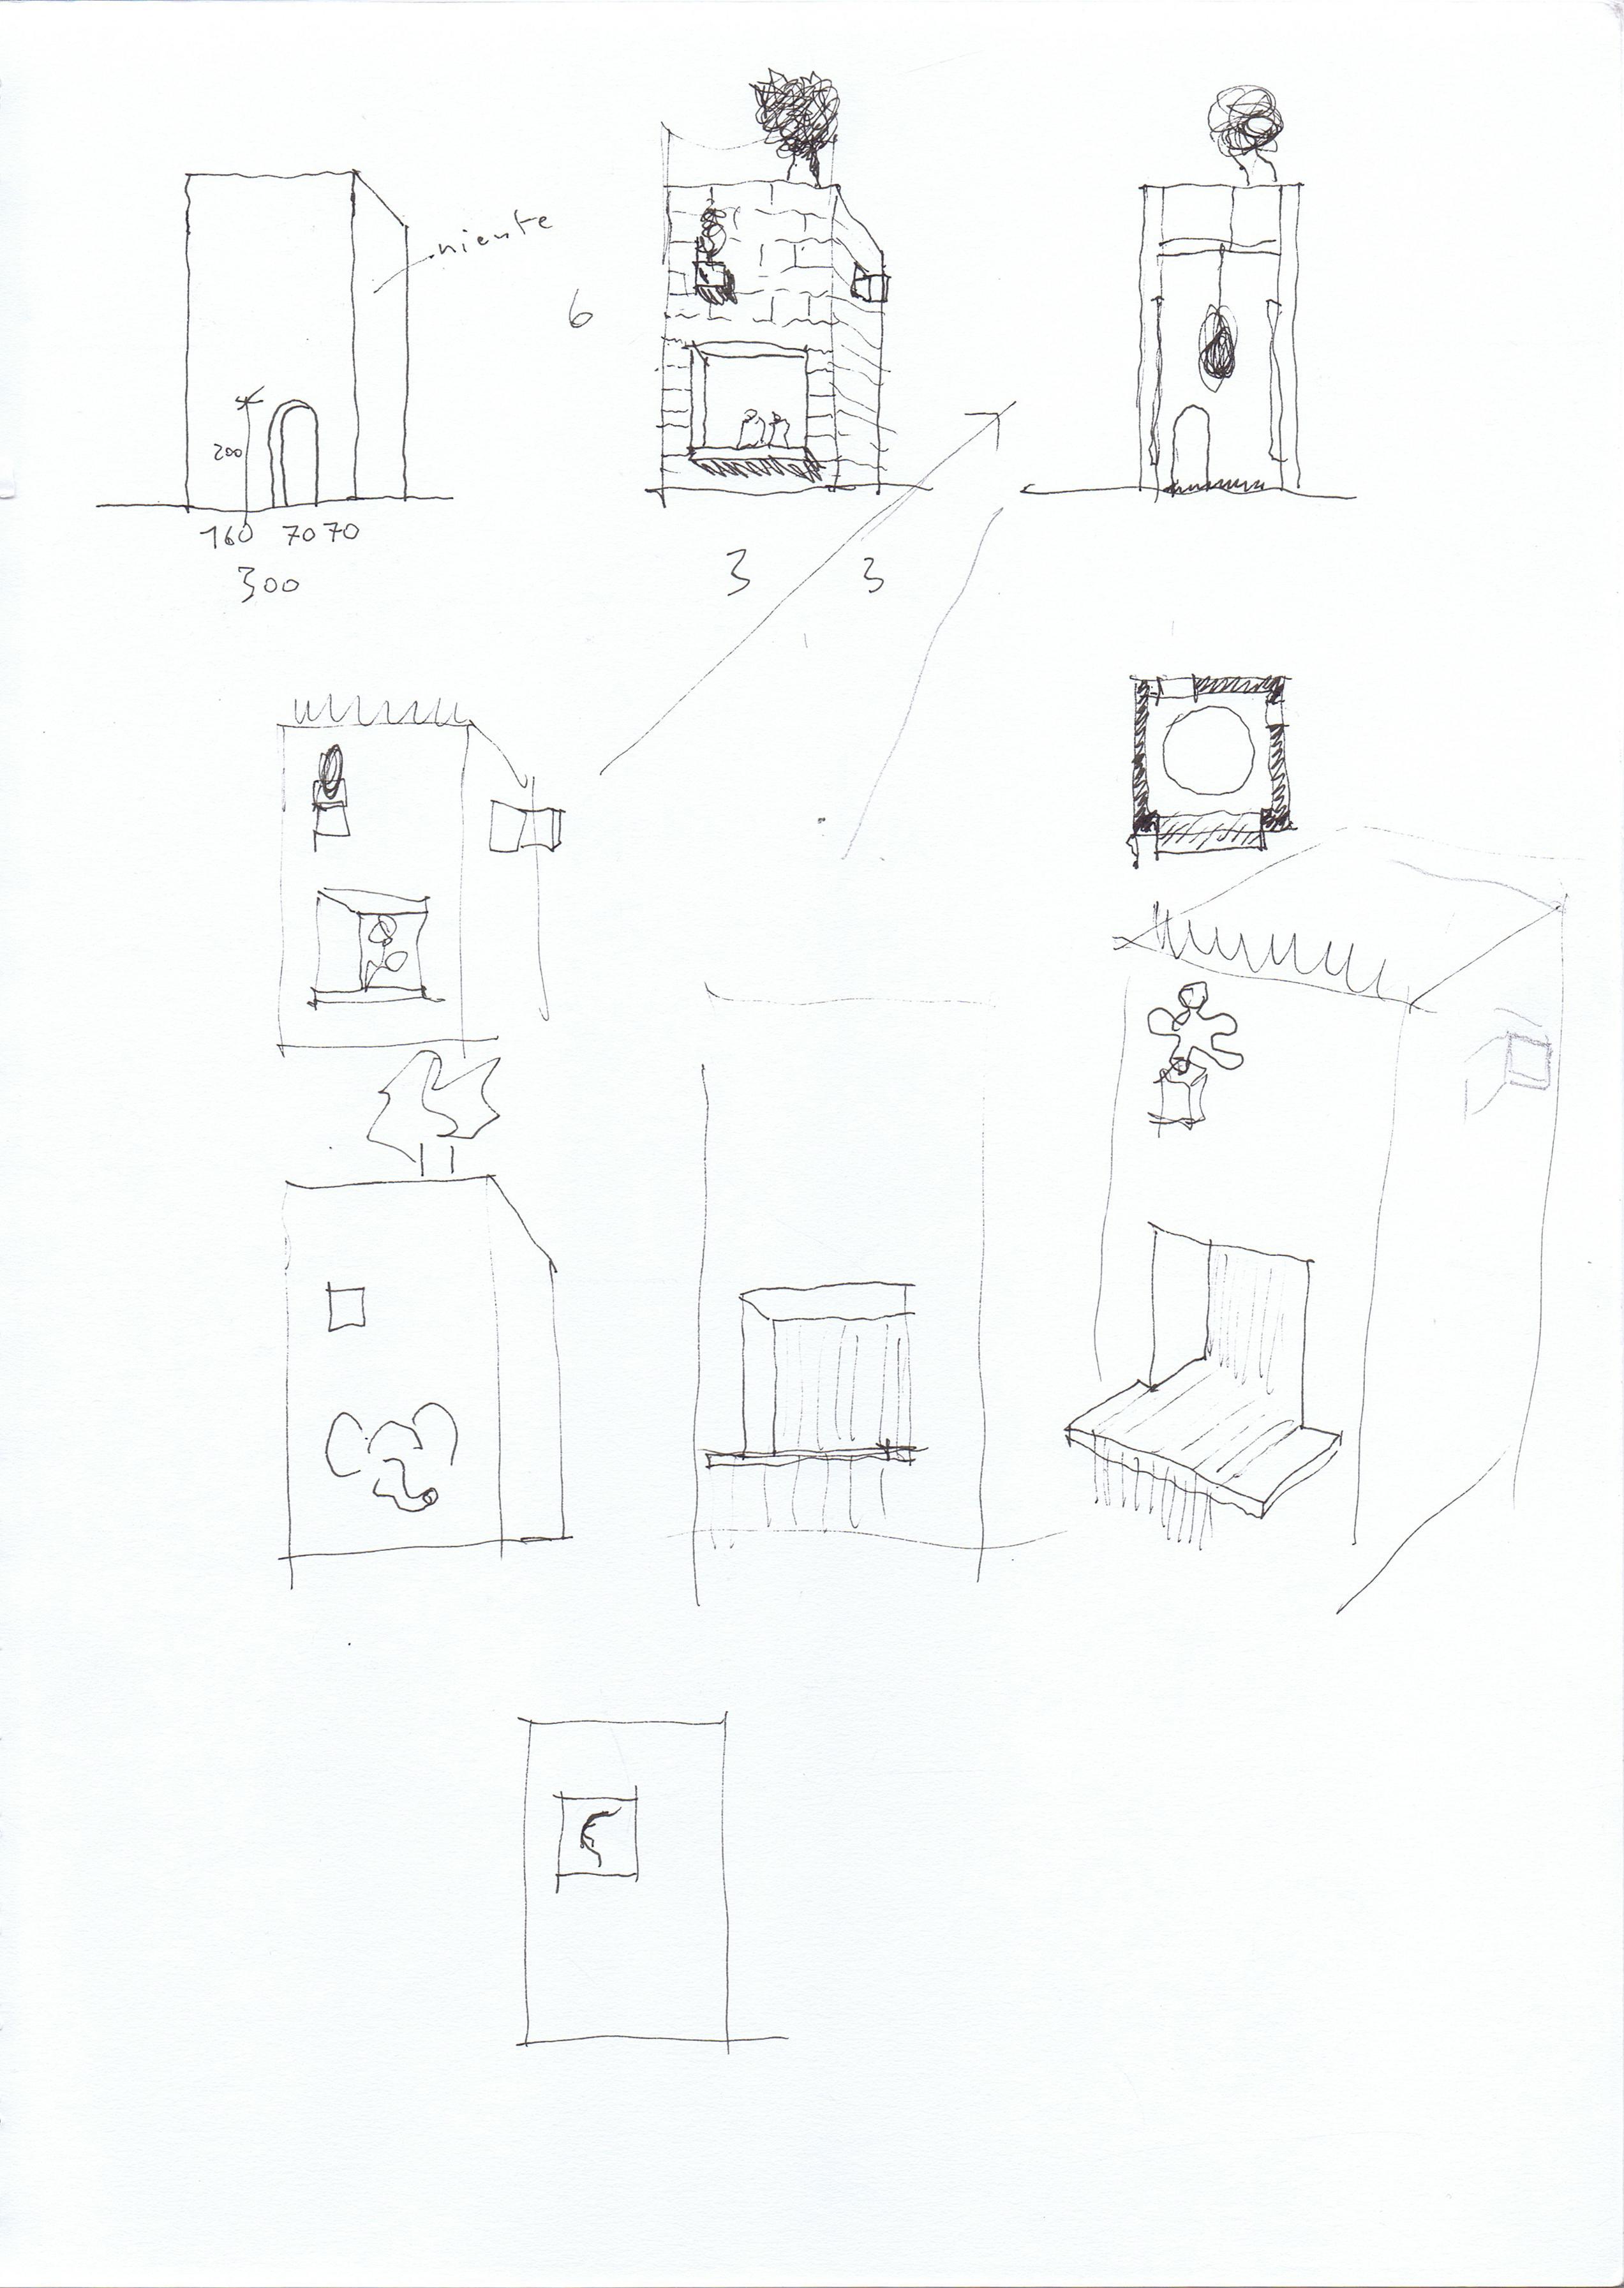 studi-torre-1